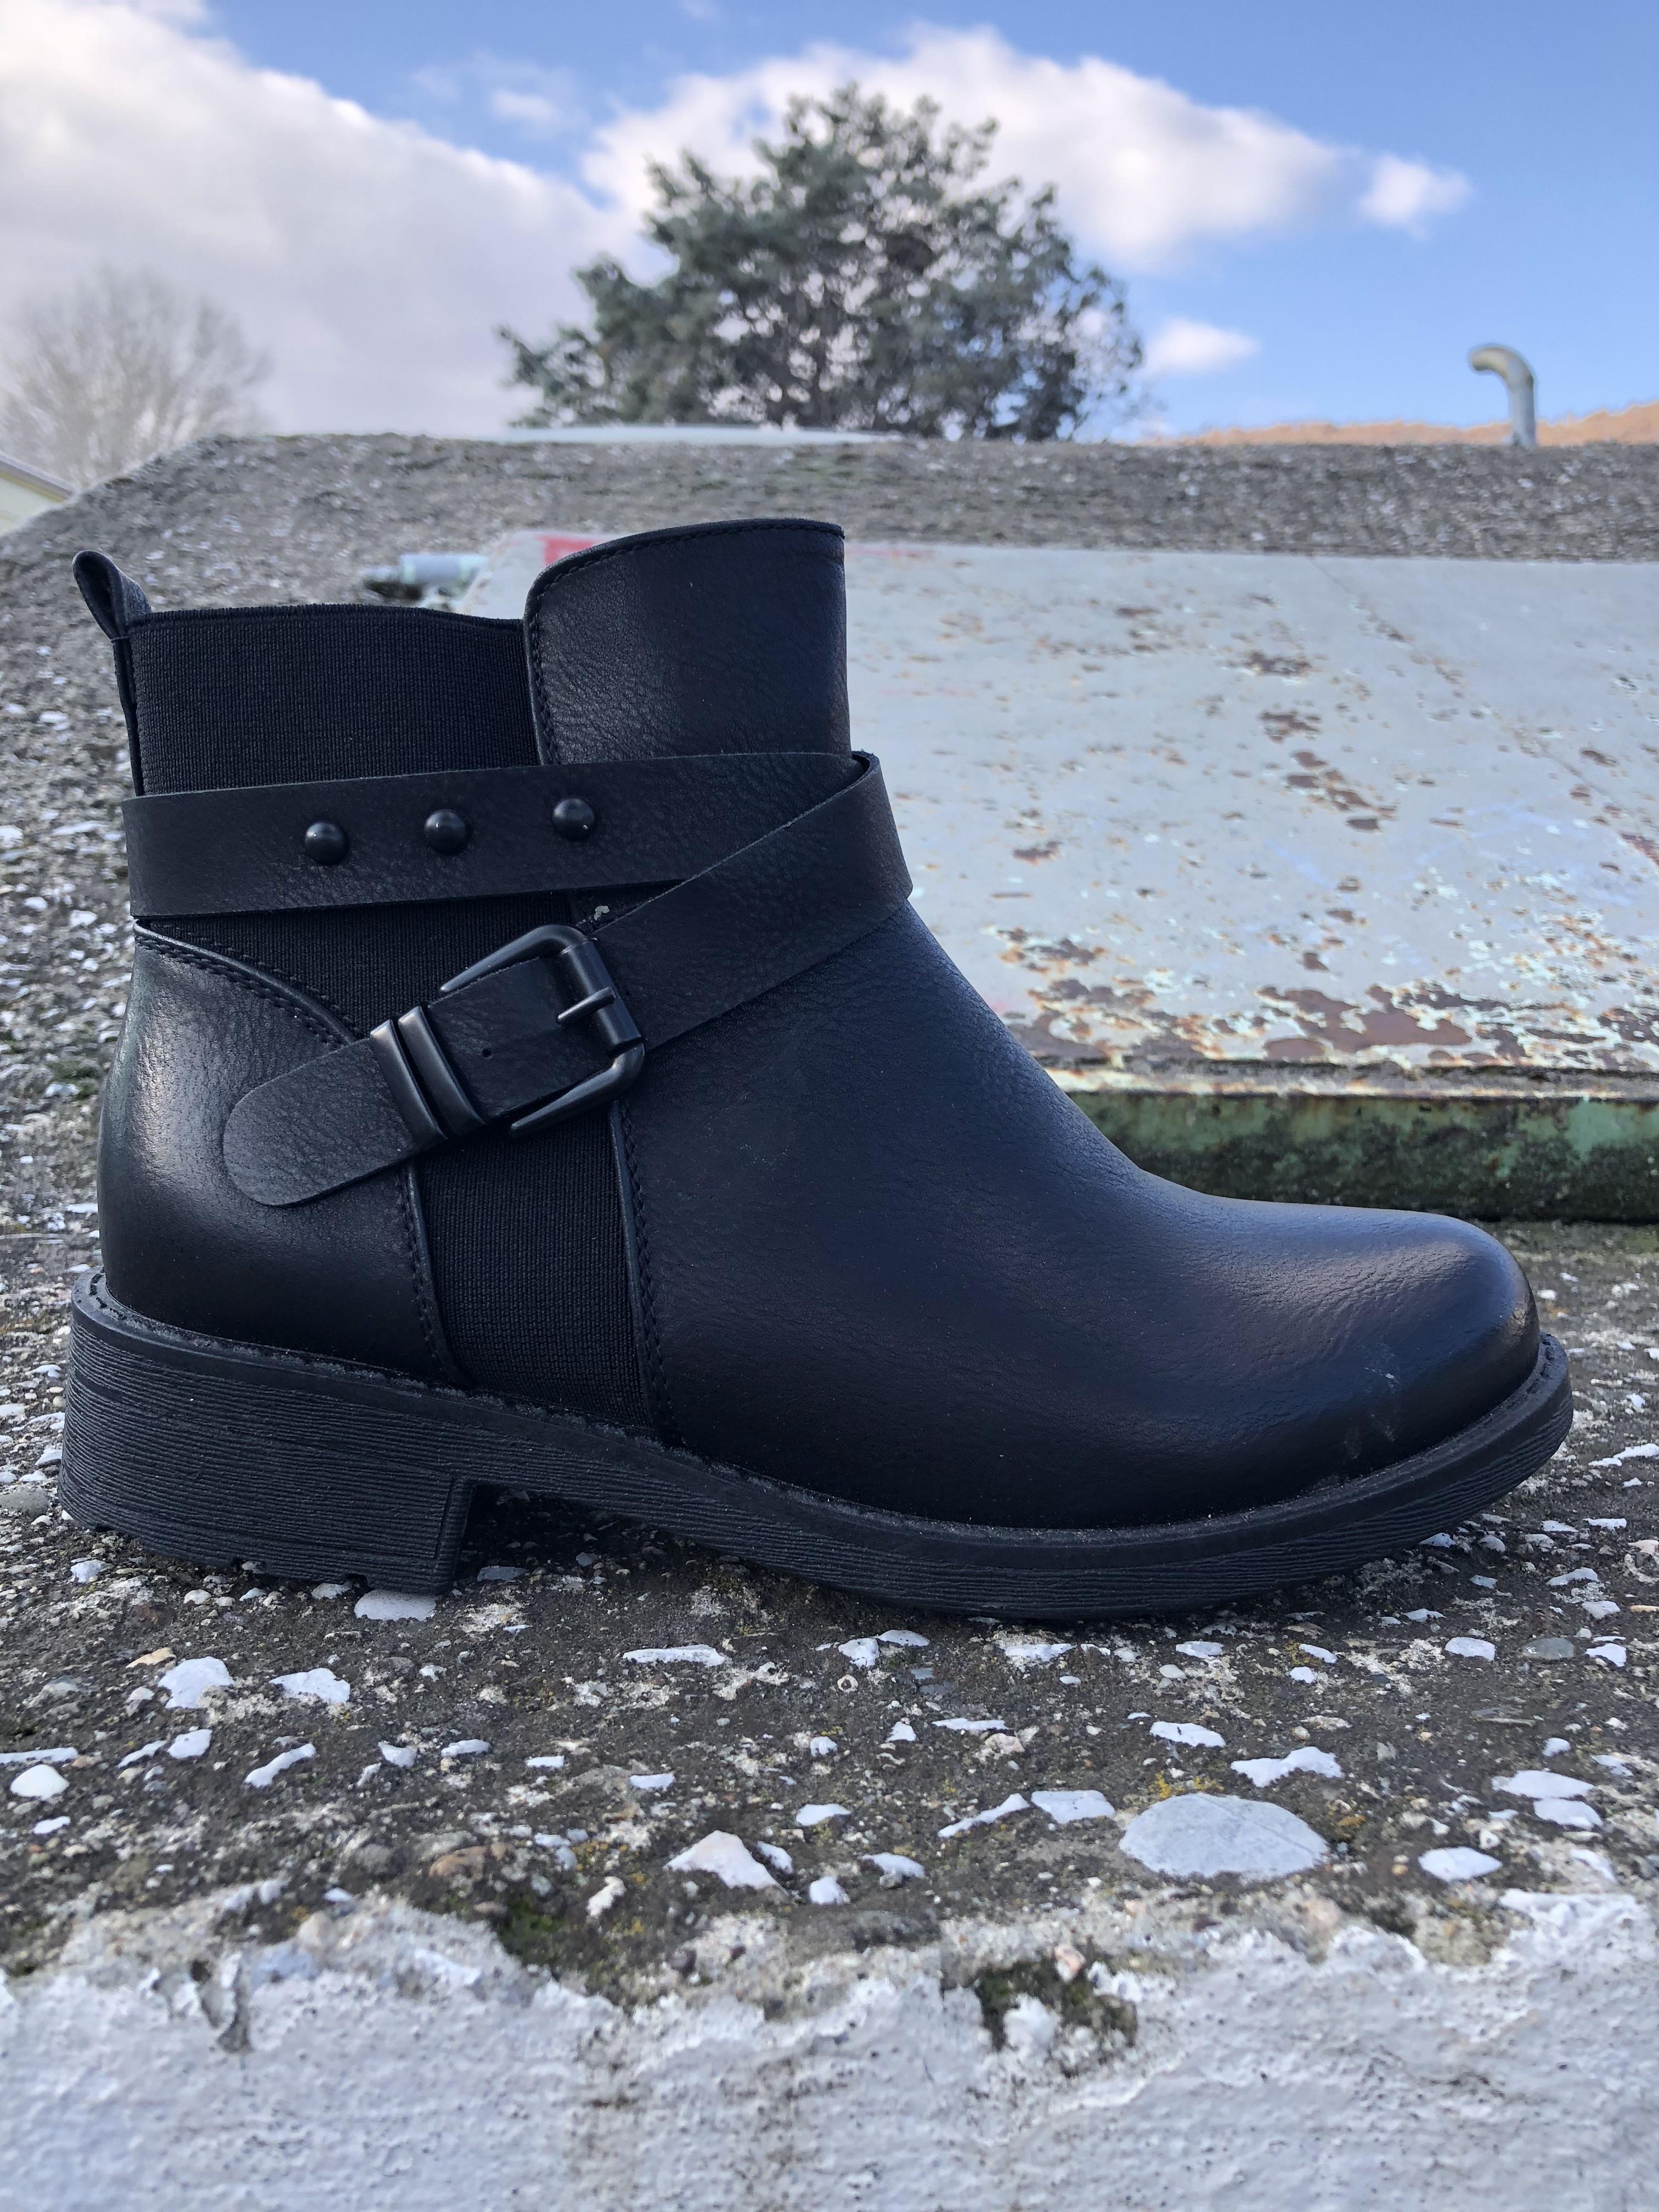 74ec623ad0a Μποτακια Γυναικεια Με Ψηλη Πλατφορμα Χρωμα Μαυρο 051698 – Παπούτσια ...